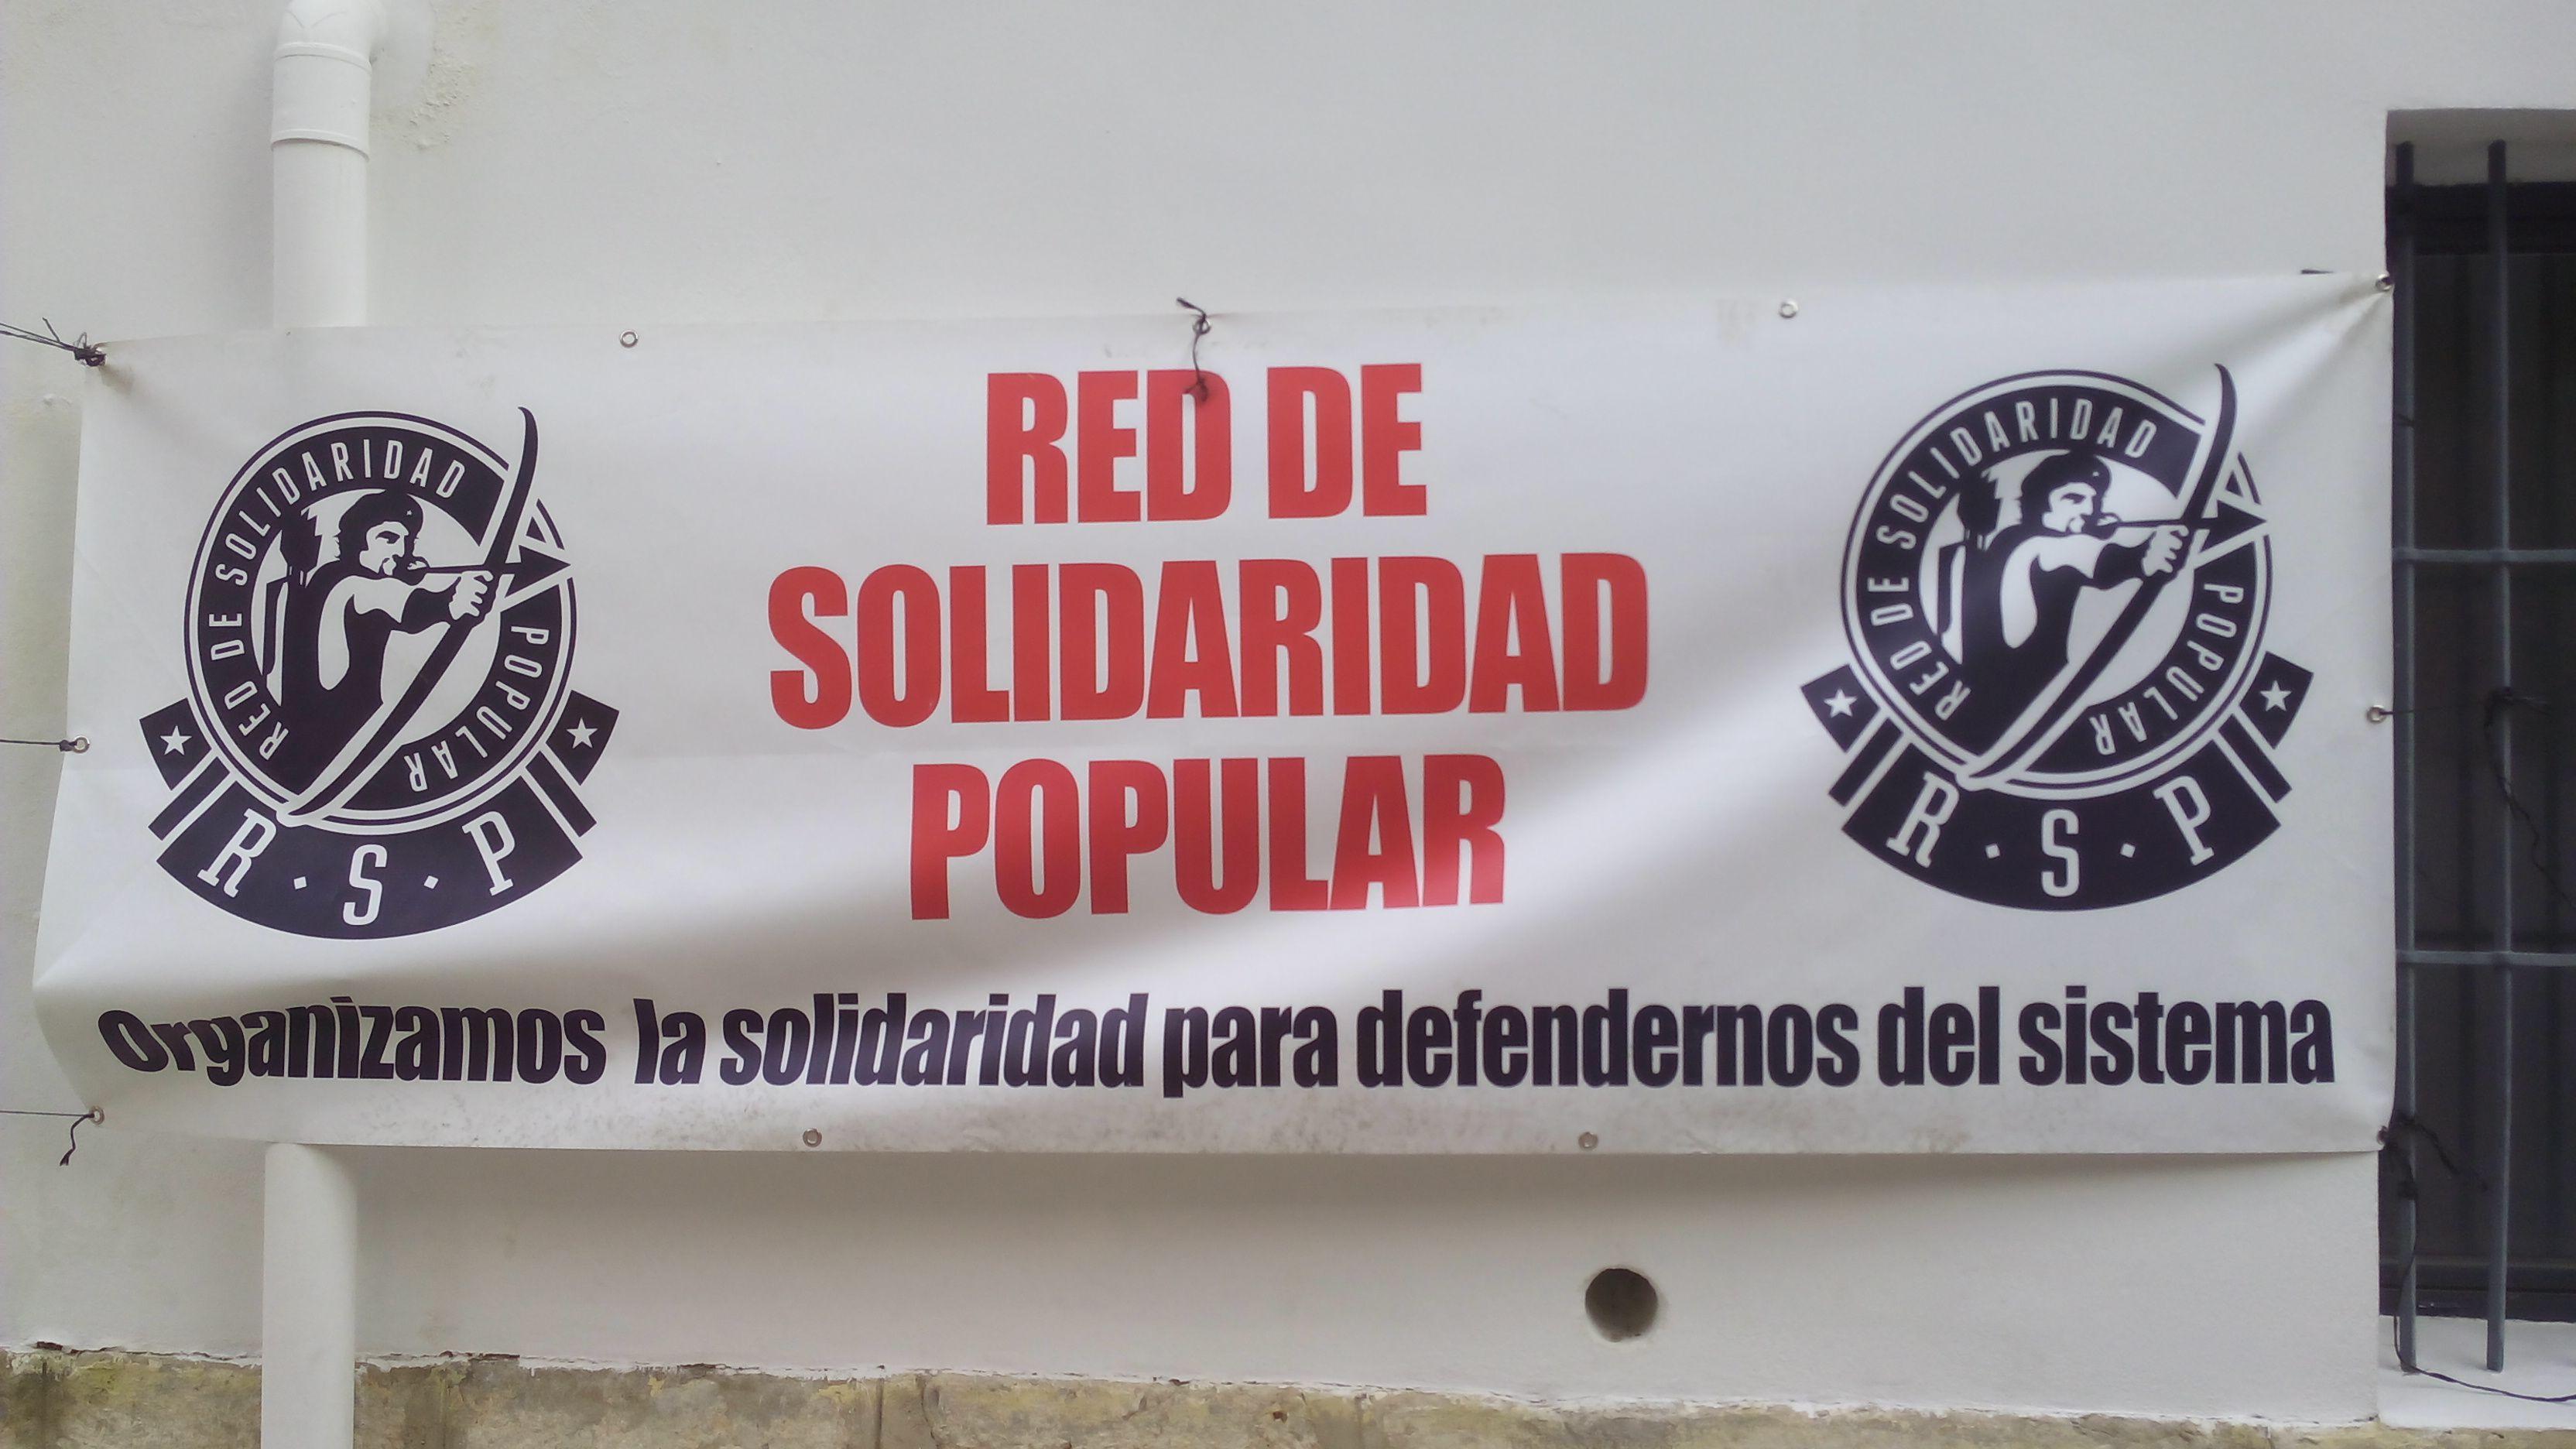 Partidos, sindicatos y movimientos ciudadanos de Buñol convocan una manifestación contra la investidura de Rajoy